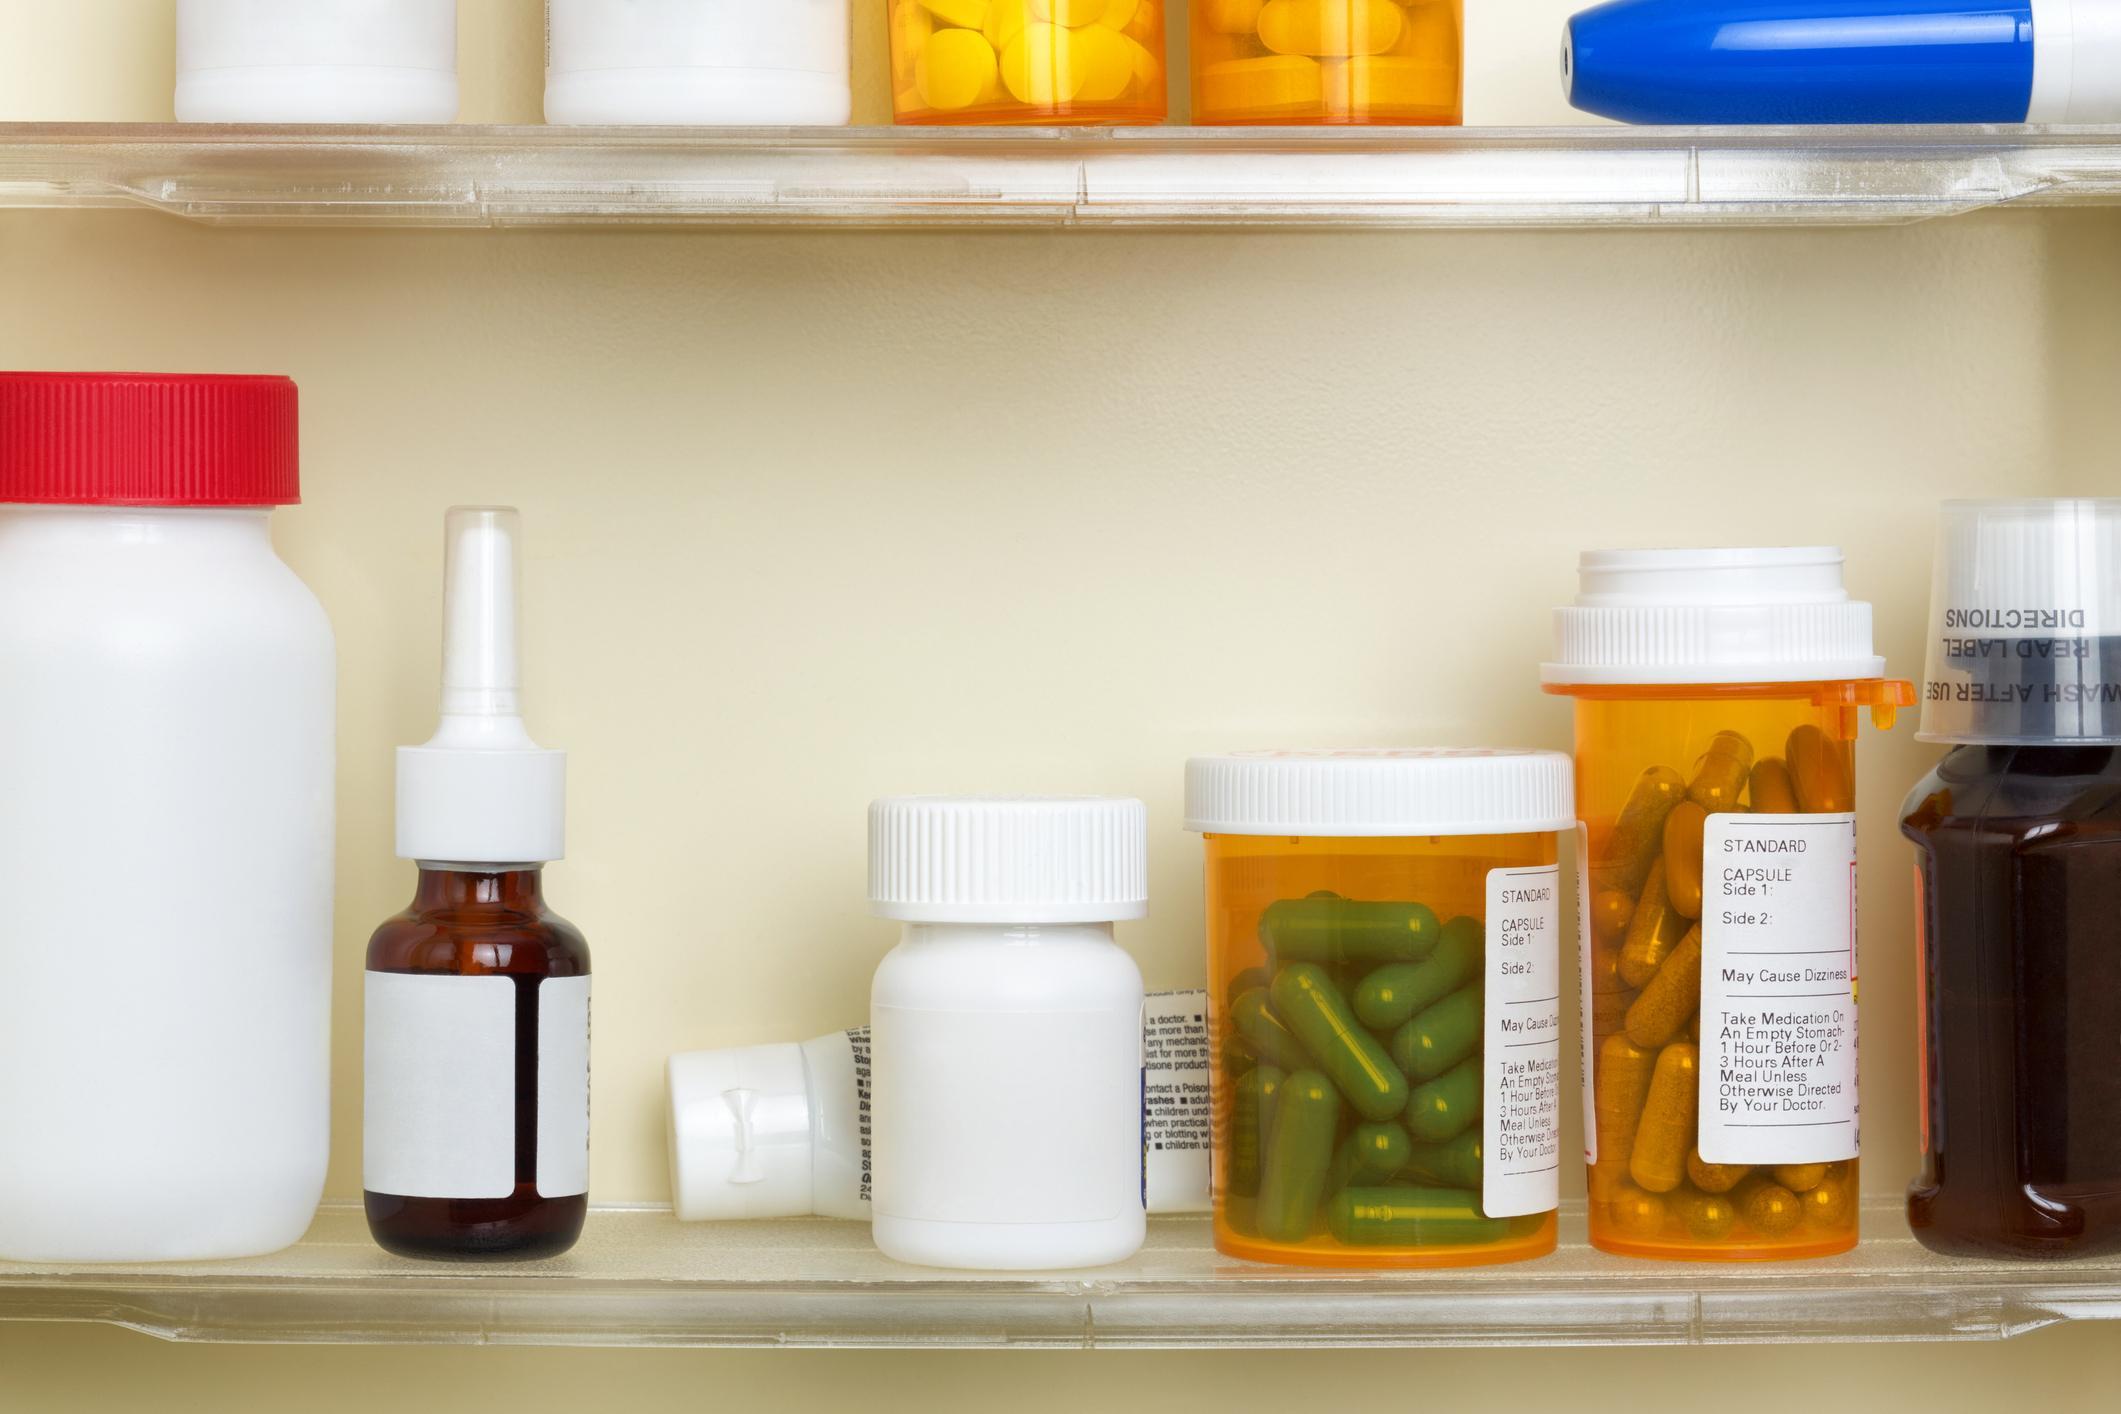 Medications on shelves of medicine cabinet